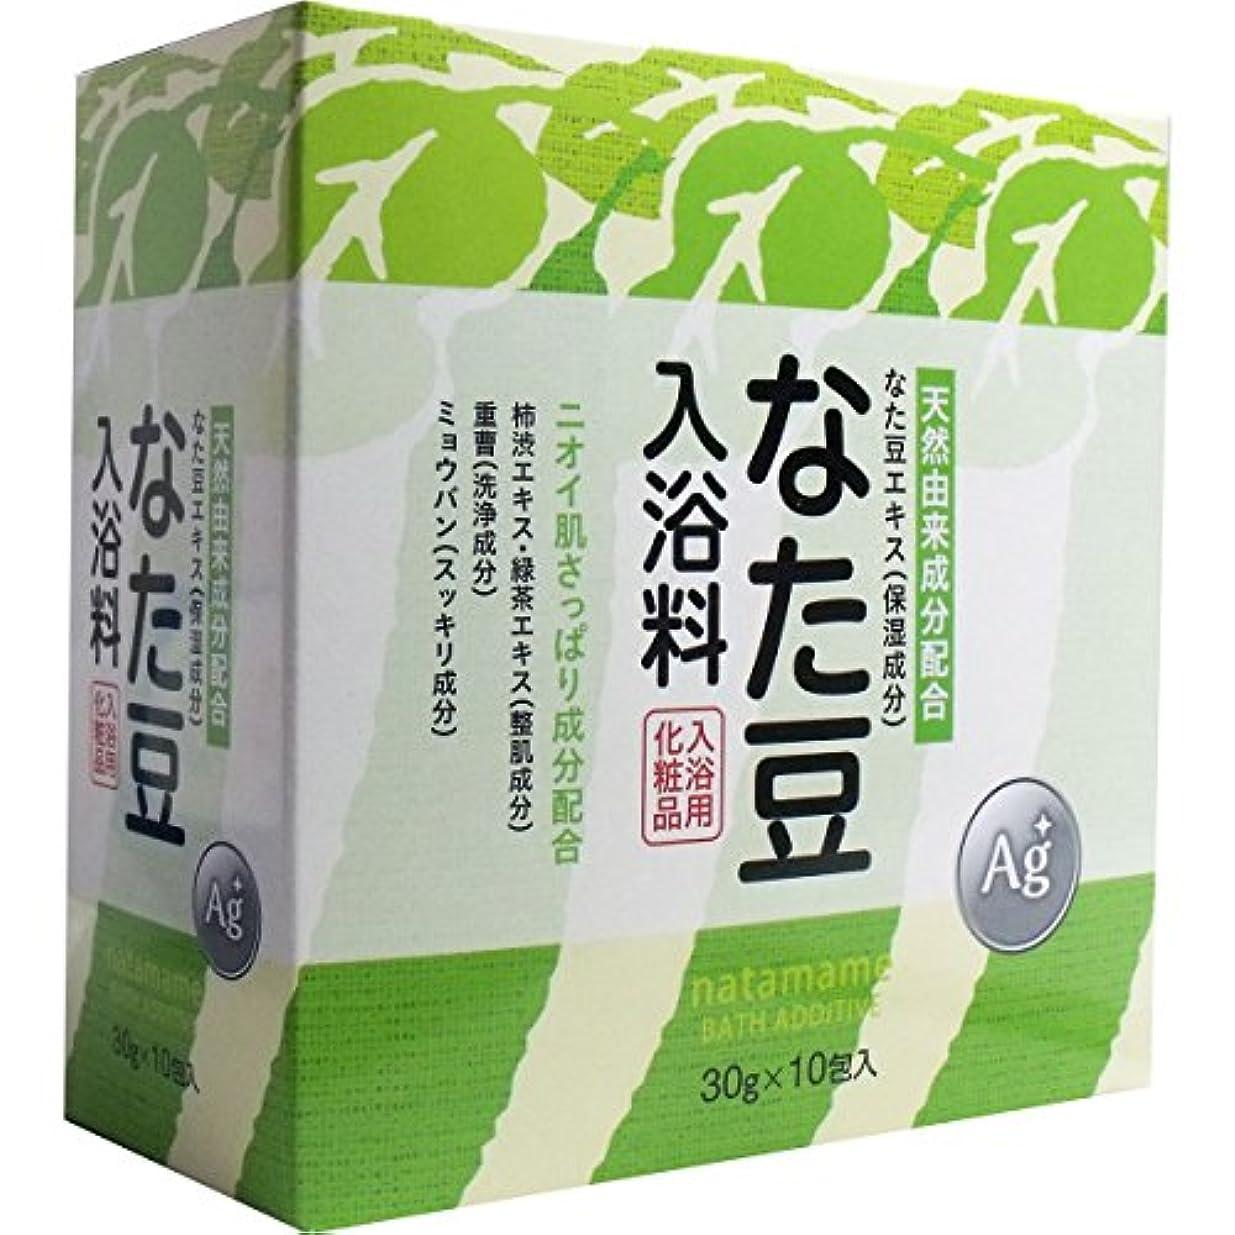 不注意湿地発見なた豆入浴料 入浴用化粧品 30g×10包入×3